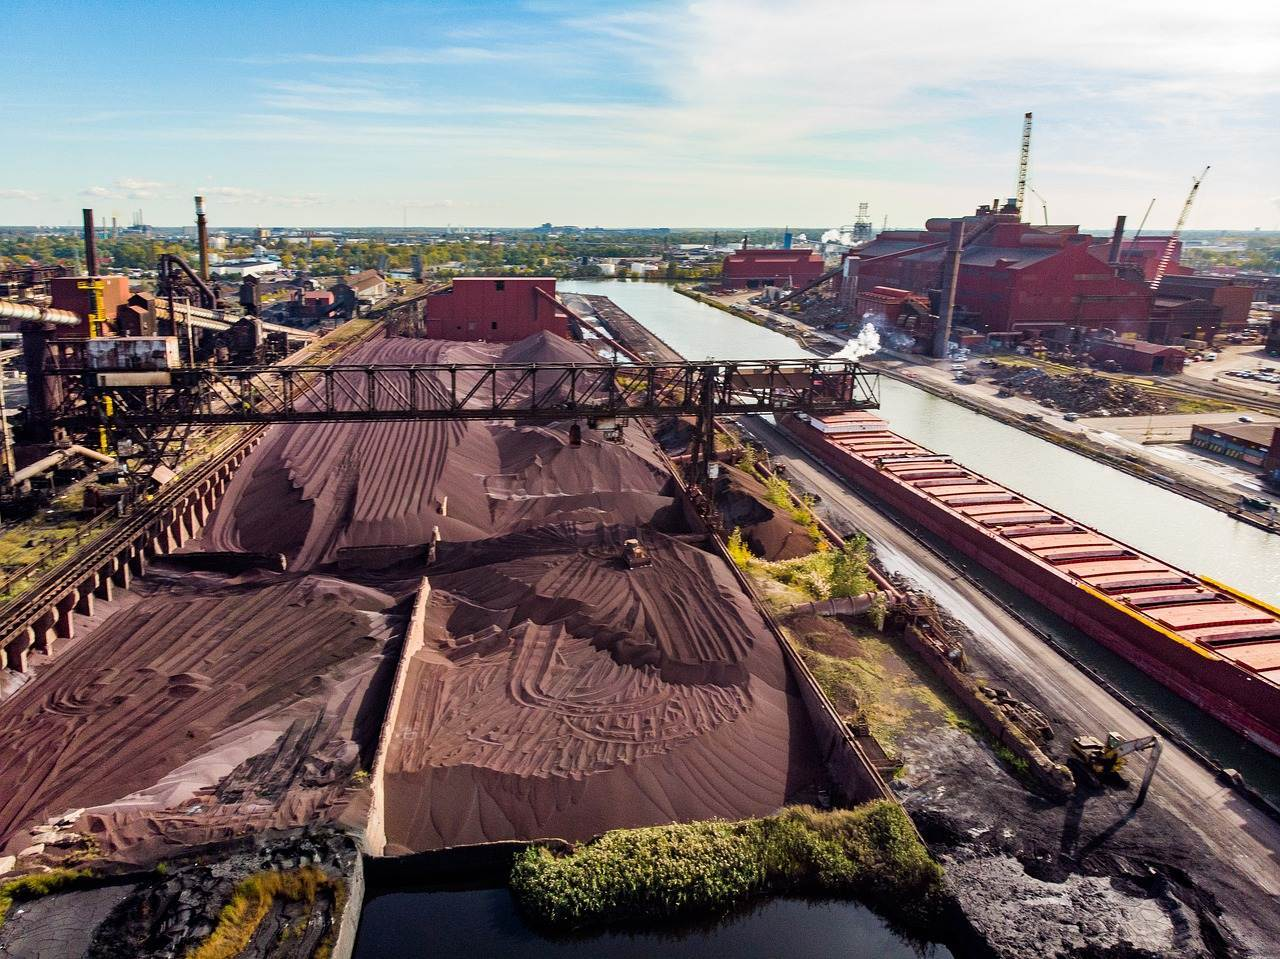 大宗商品价格暴涨,铁矿石价格冲到十年最高位,原材料要涨多久?